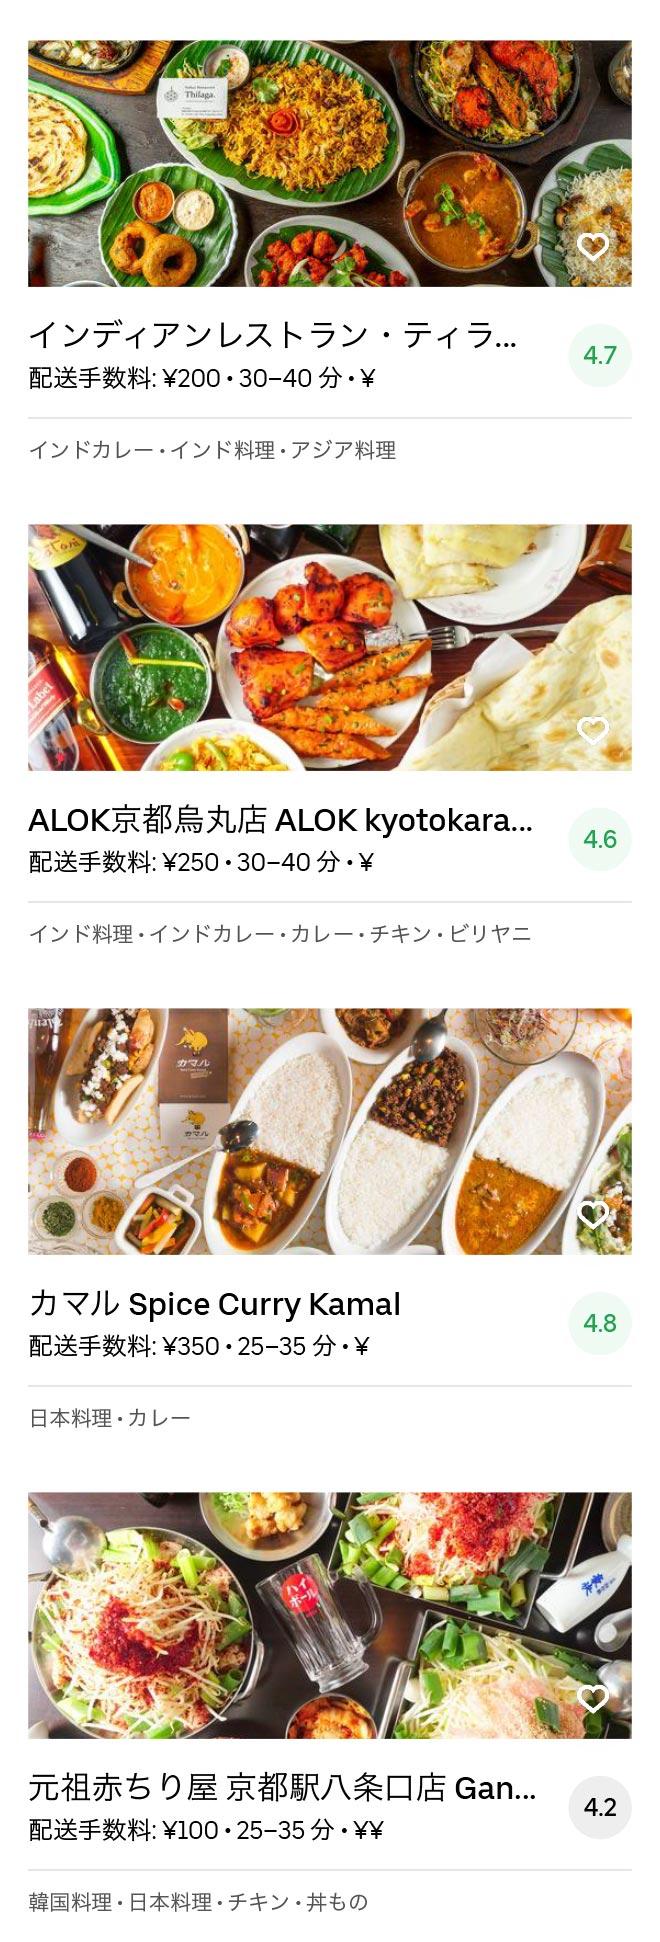 Kyoto fushimiinari menu 2005 12